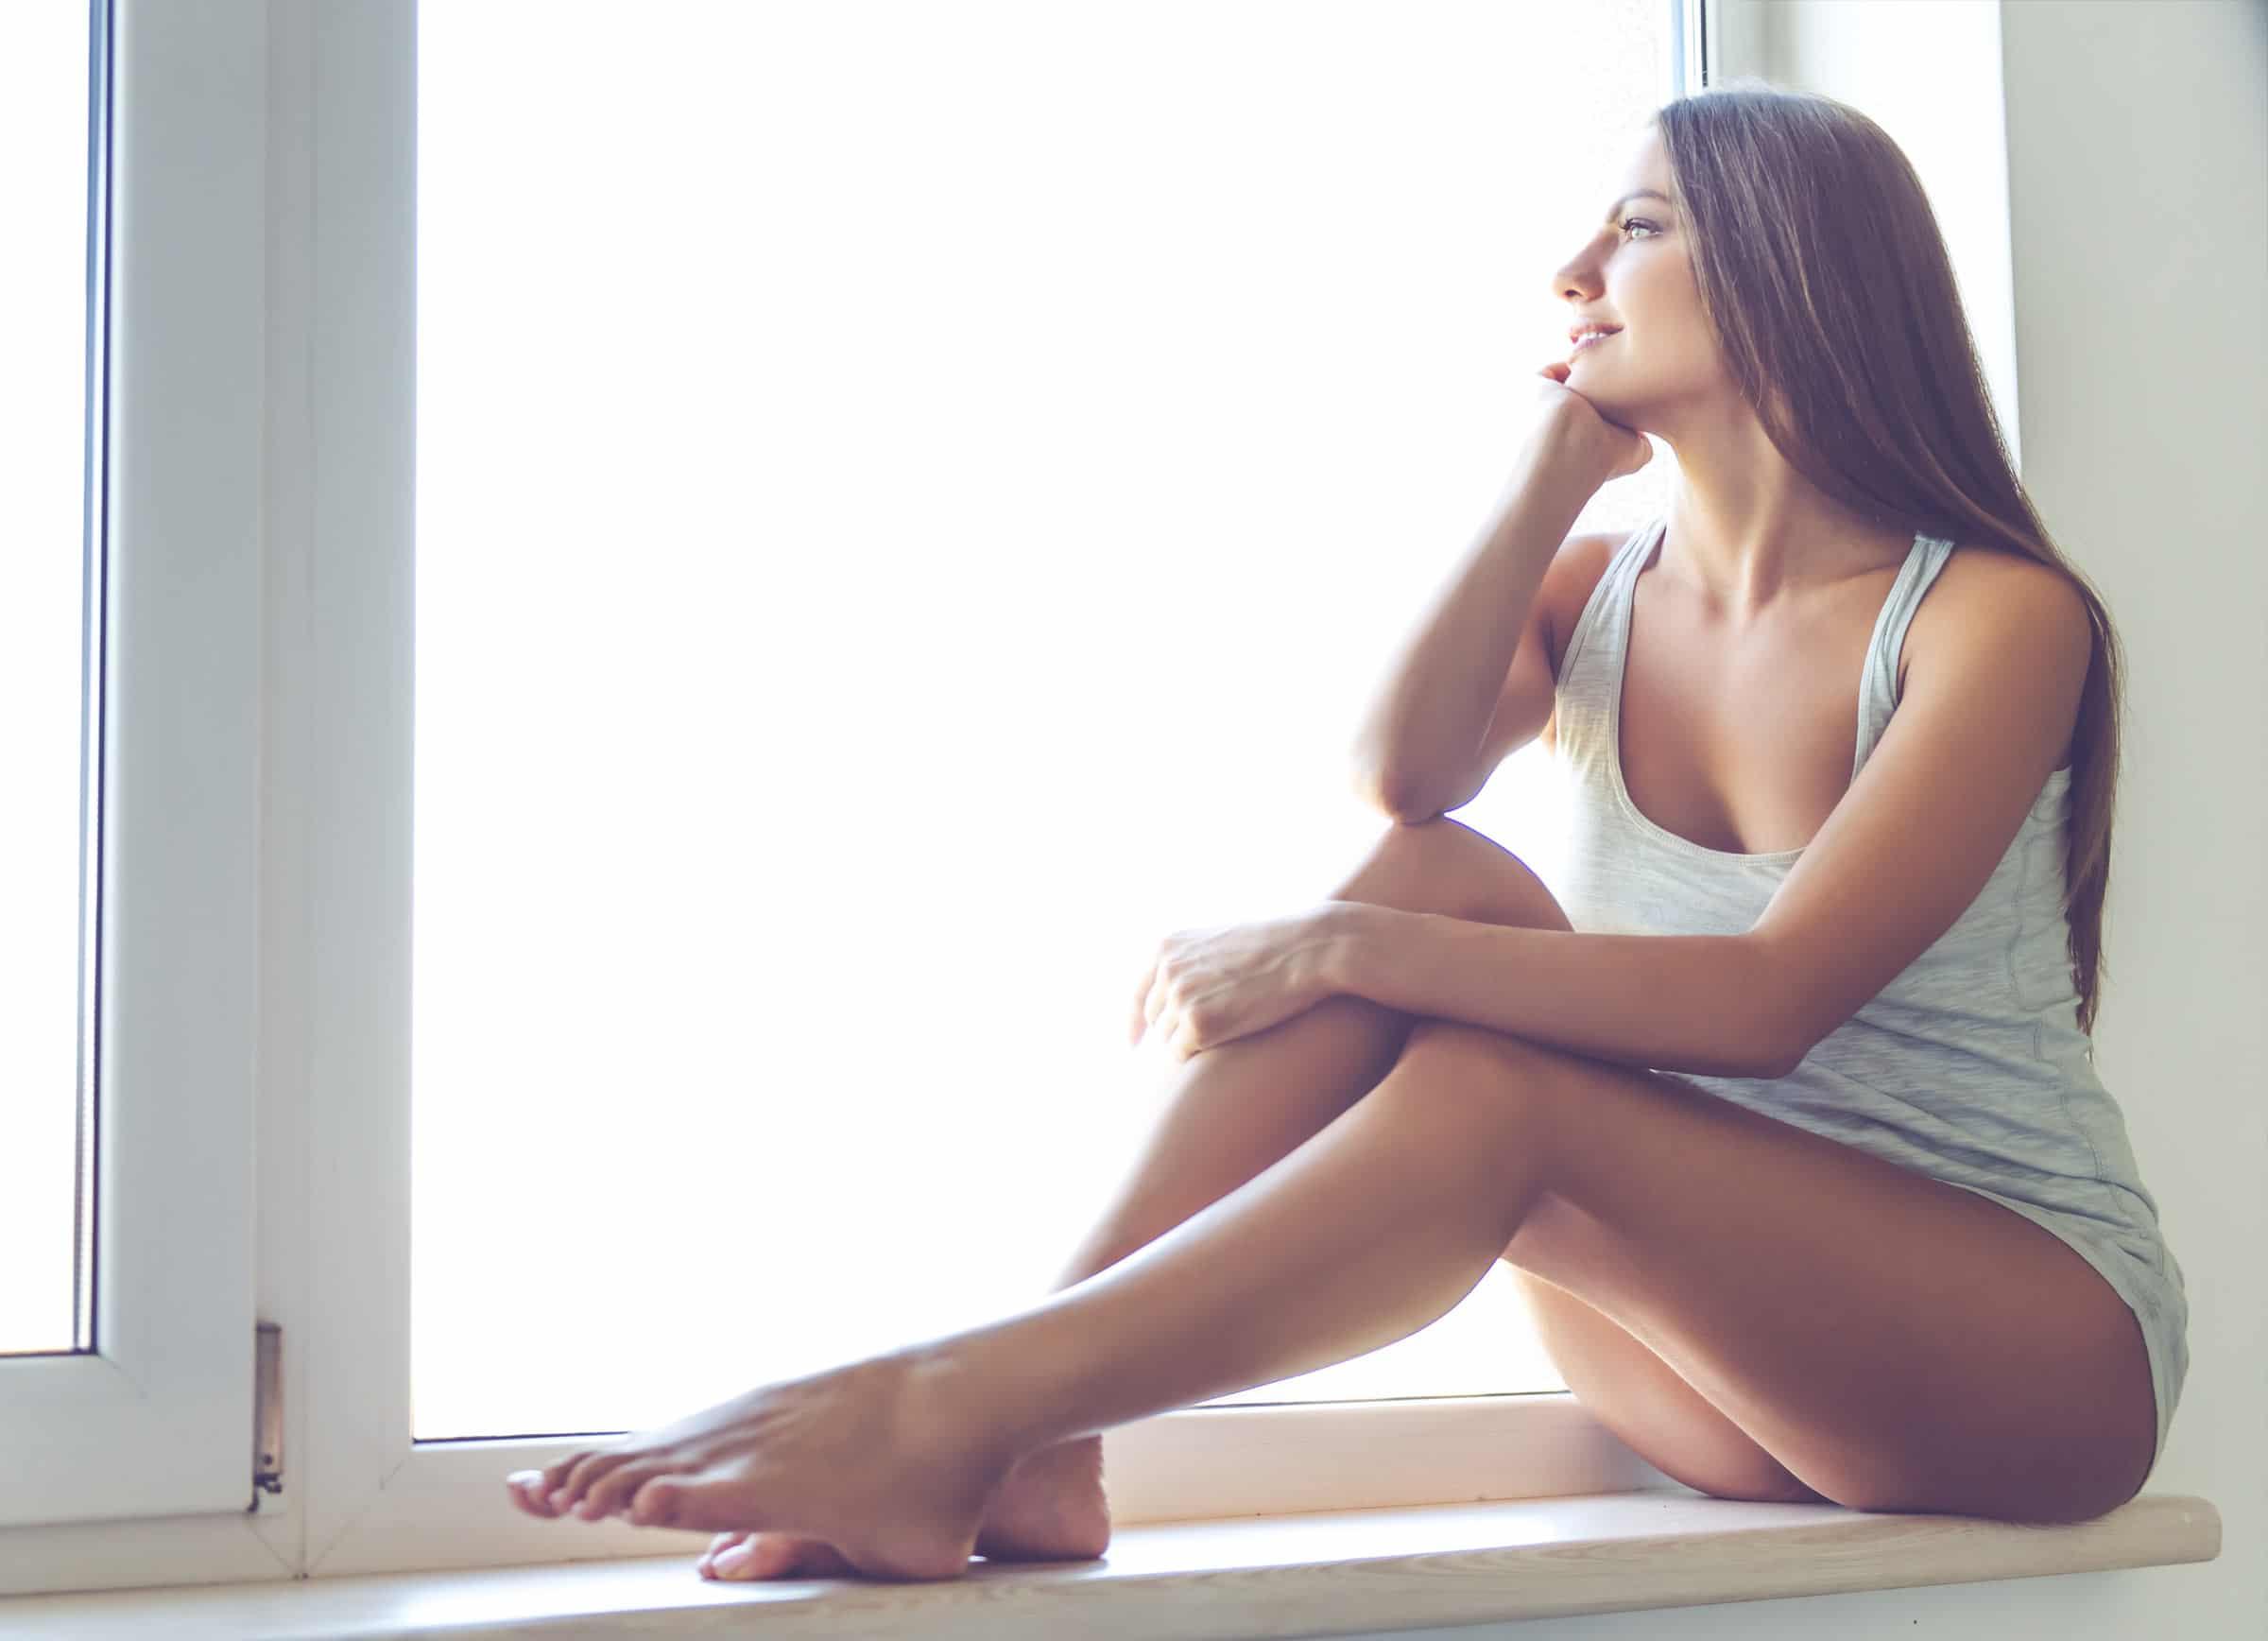 prurito-vulvar-ginecologia-tratamiento-causas-sintomas